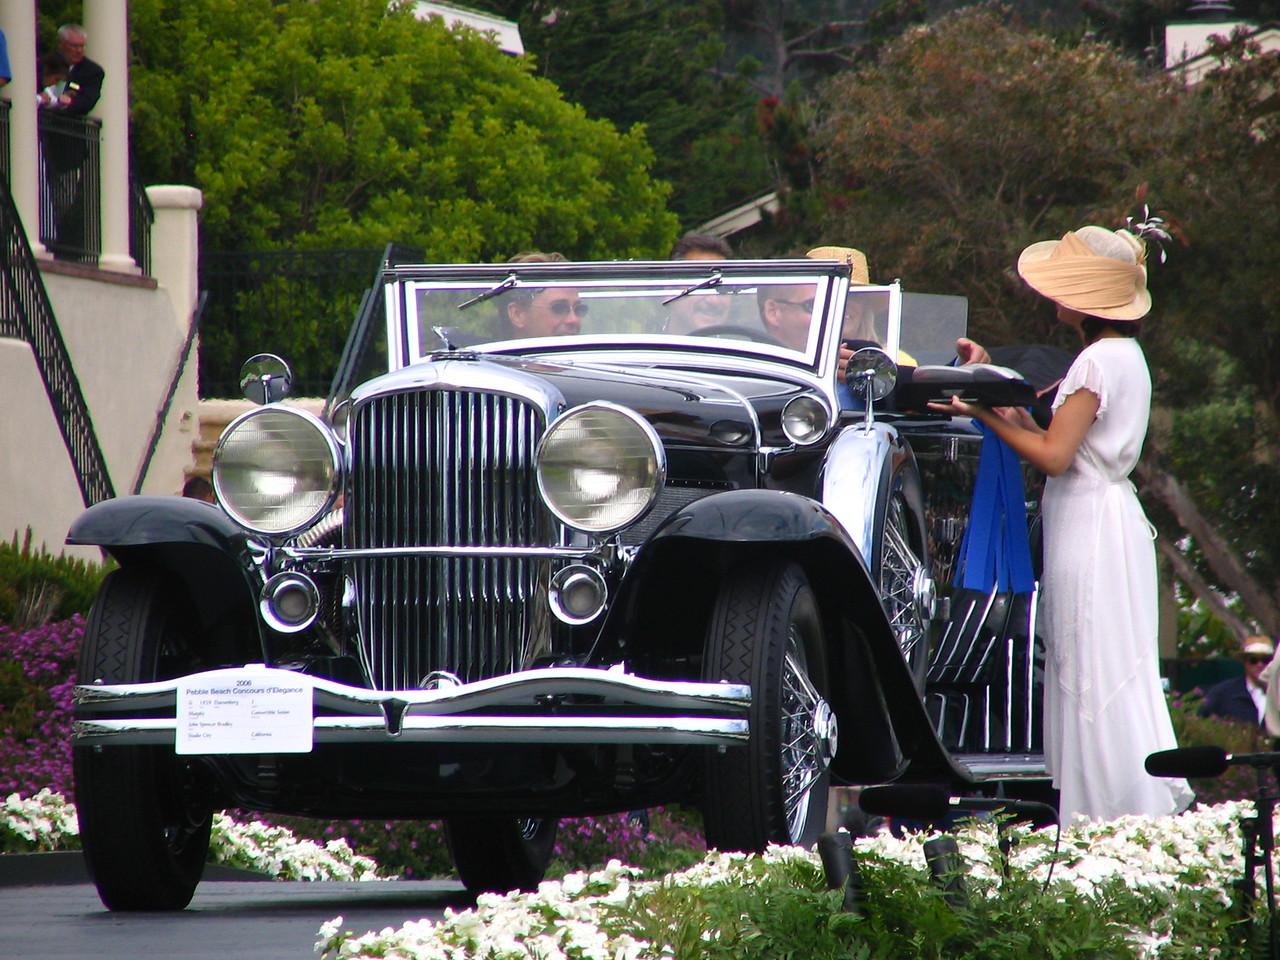 Class G, Duesenberg, Winner -- 1929 Duesenberg J Murphy Convertible Sedan